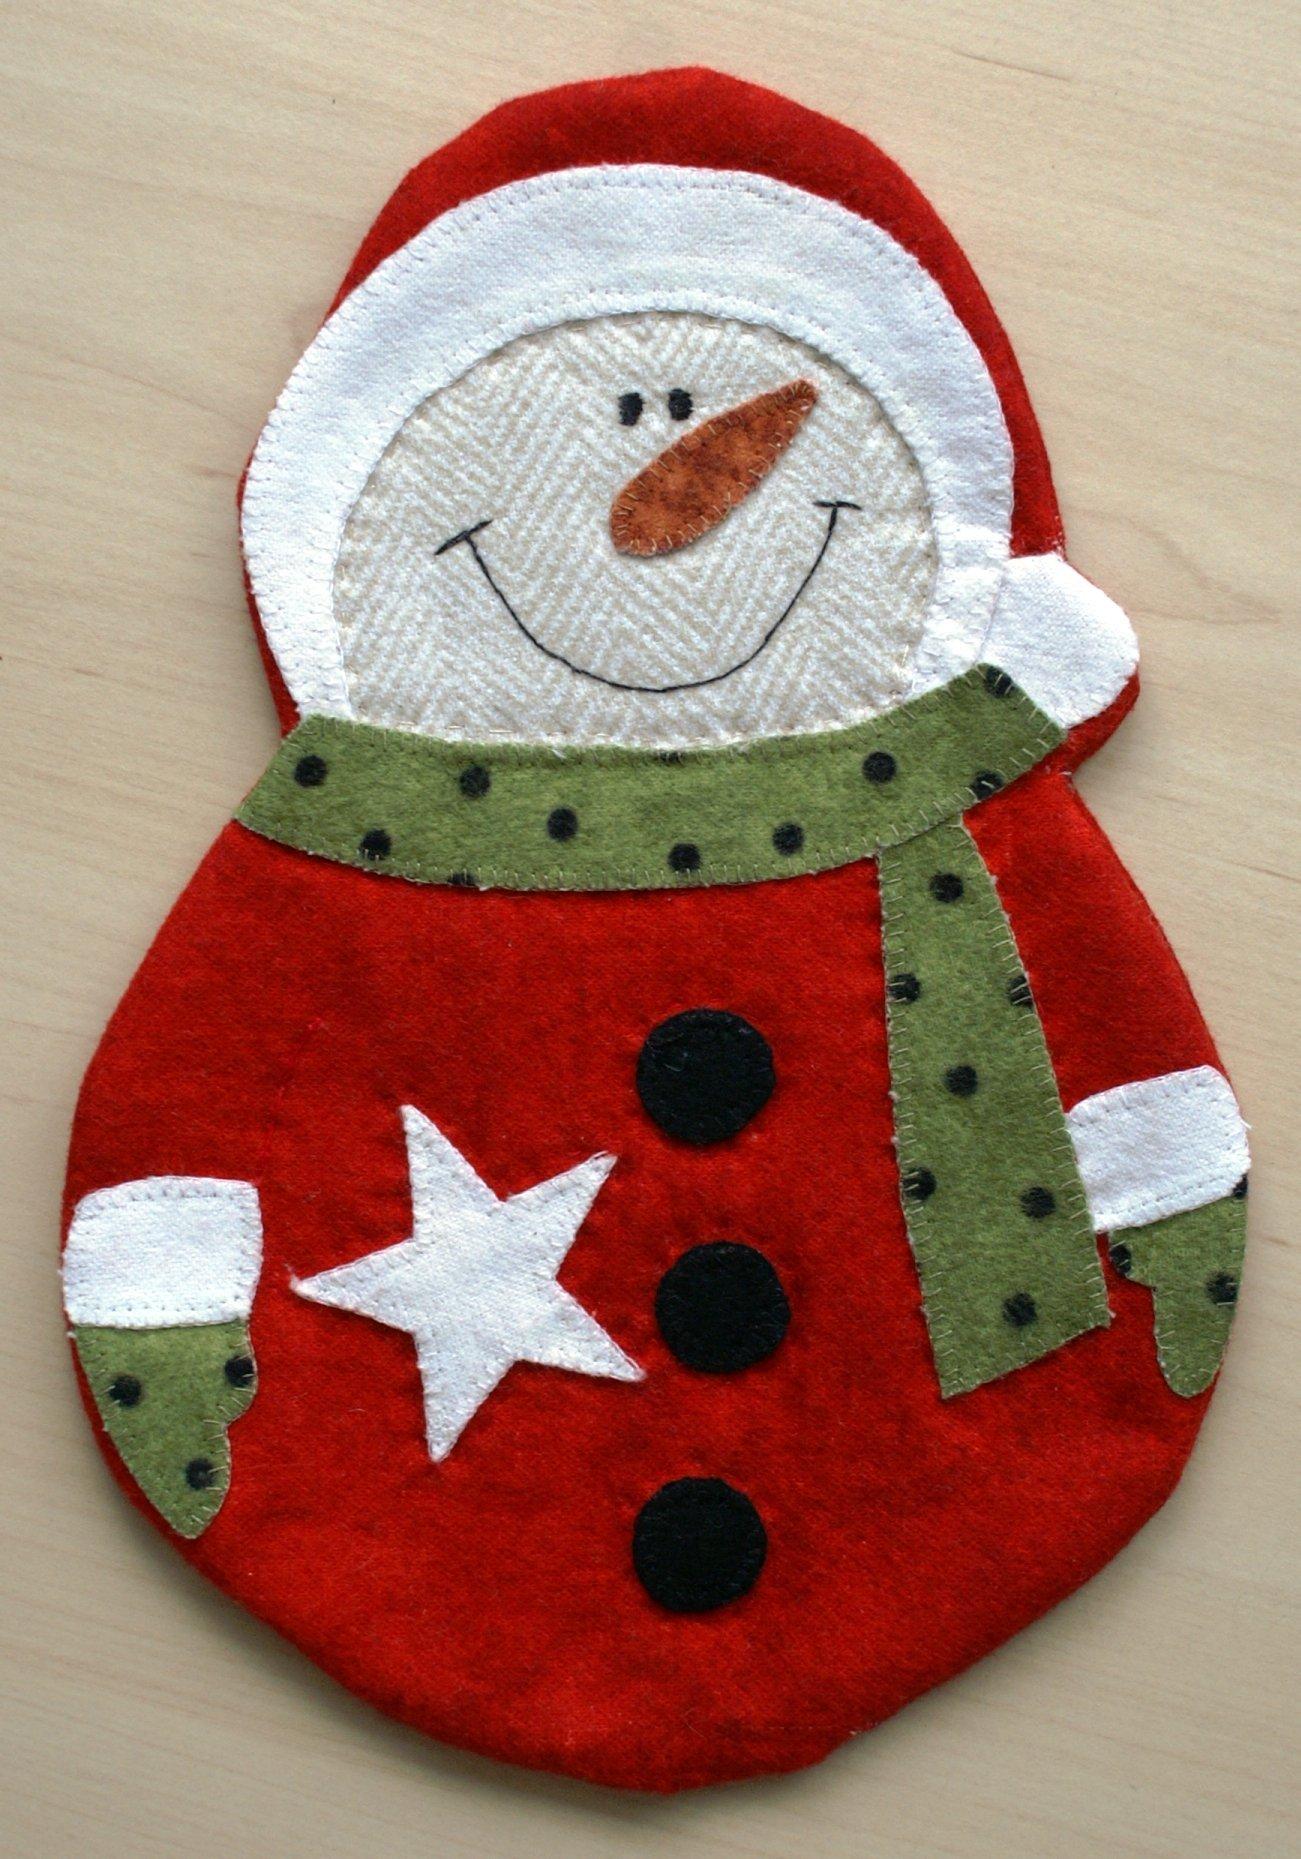 Sewing A Snowman Mug Rug For The Christmas Table Bernina Blog